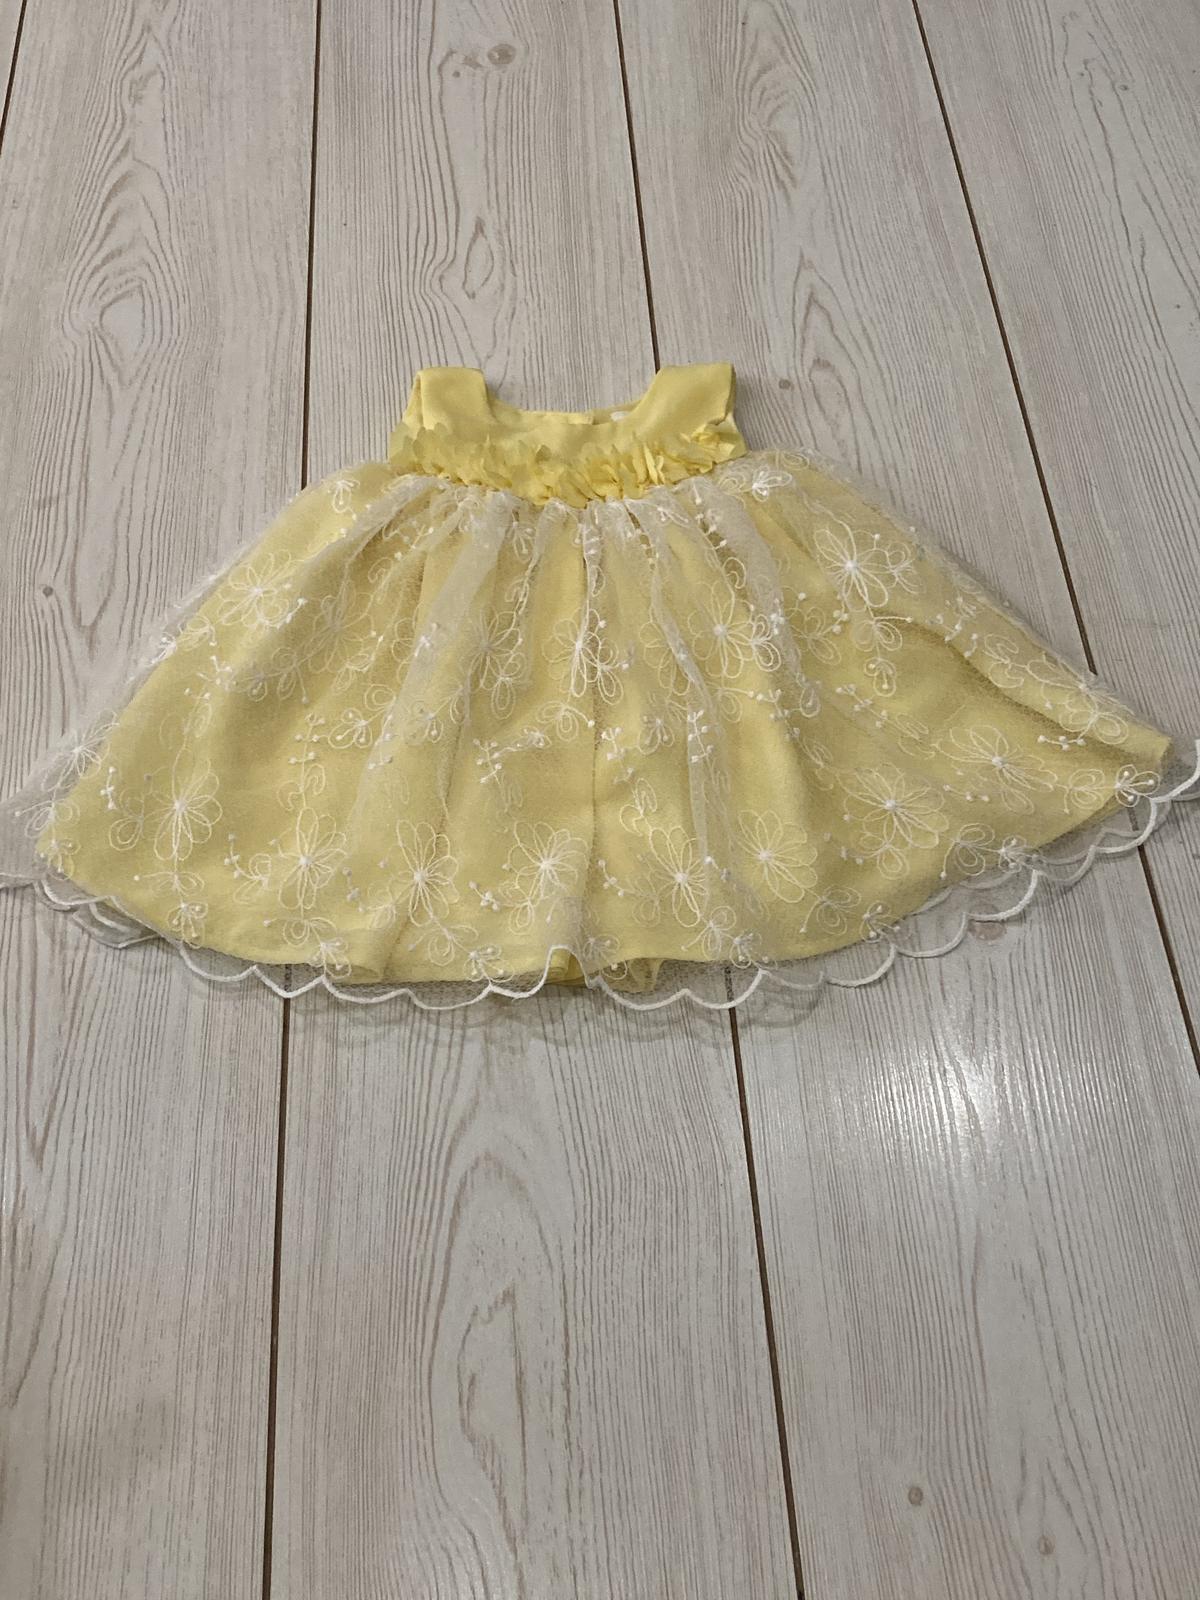 Žluté šatičky s krajkou - Obrázek č. 1